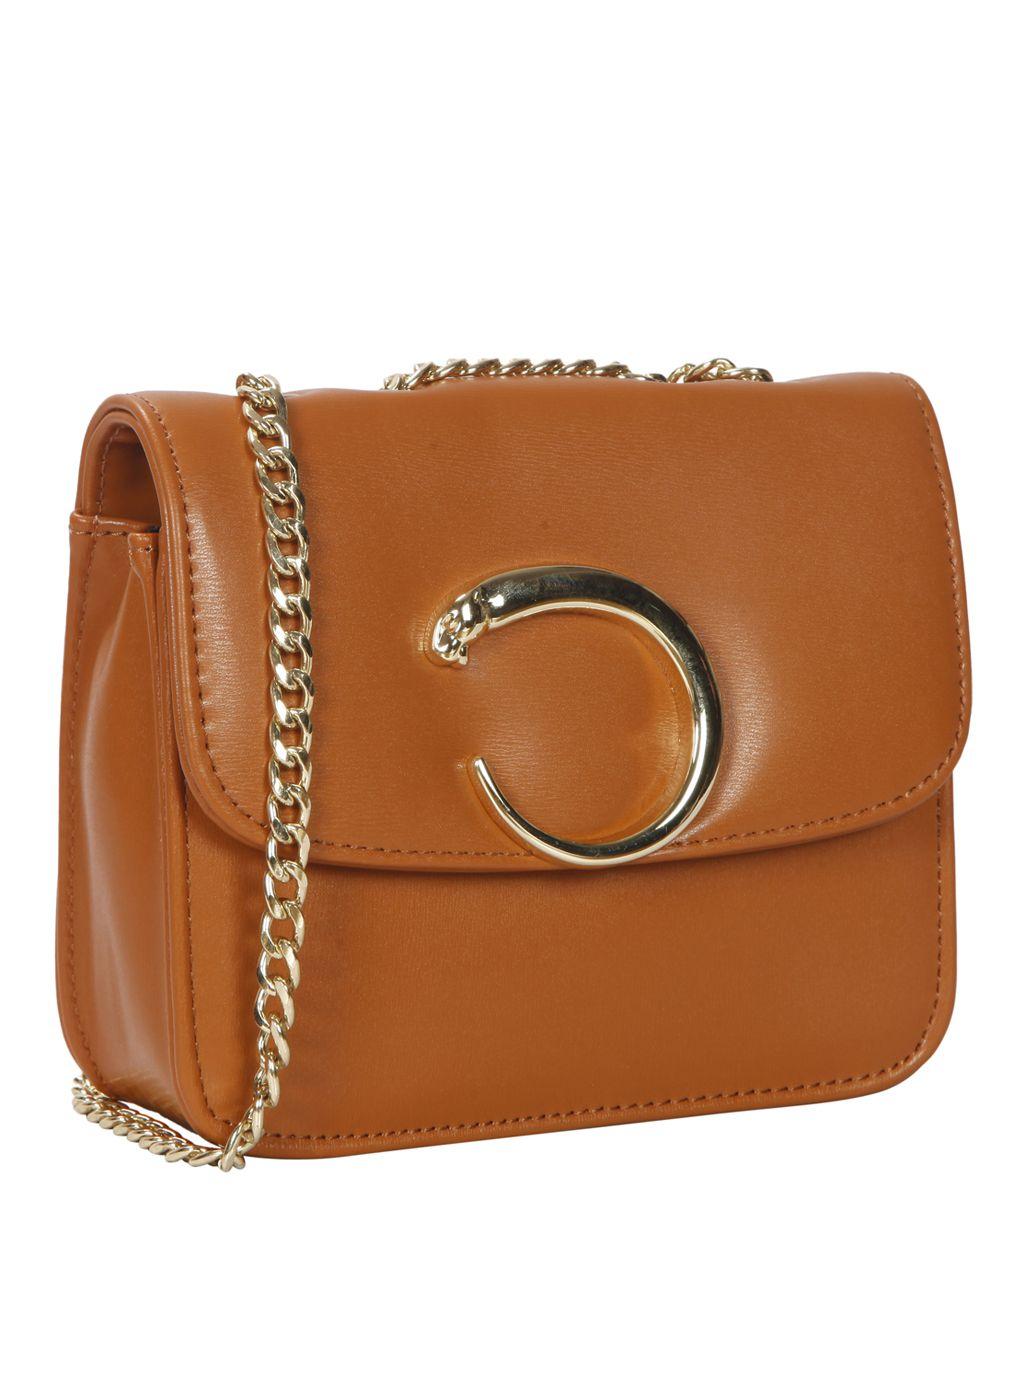 Bagkok Tan P.U. Sling Bag